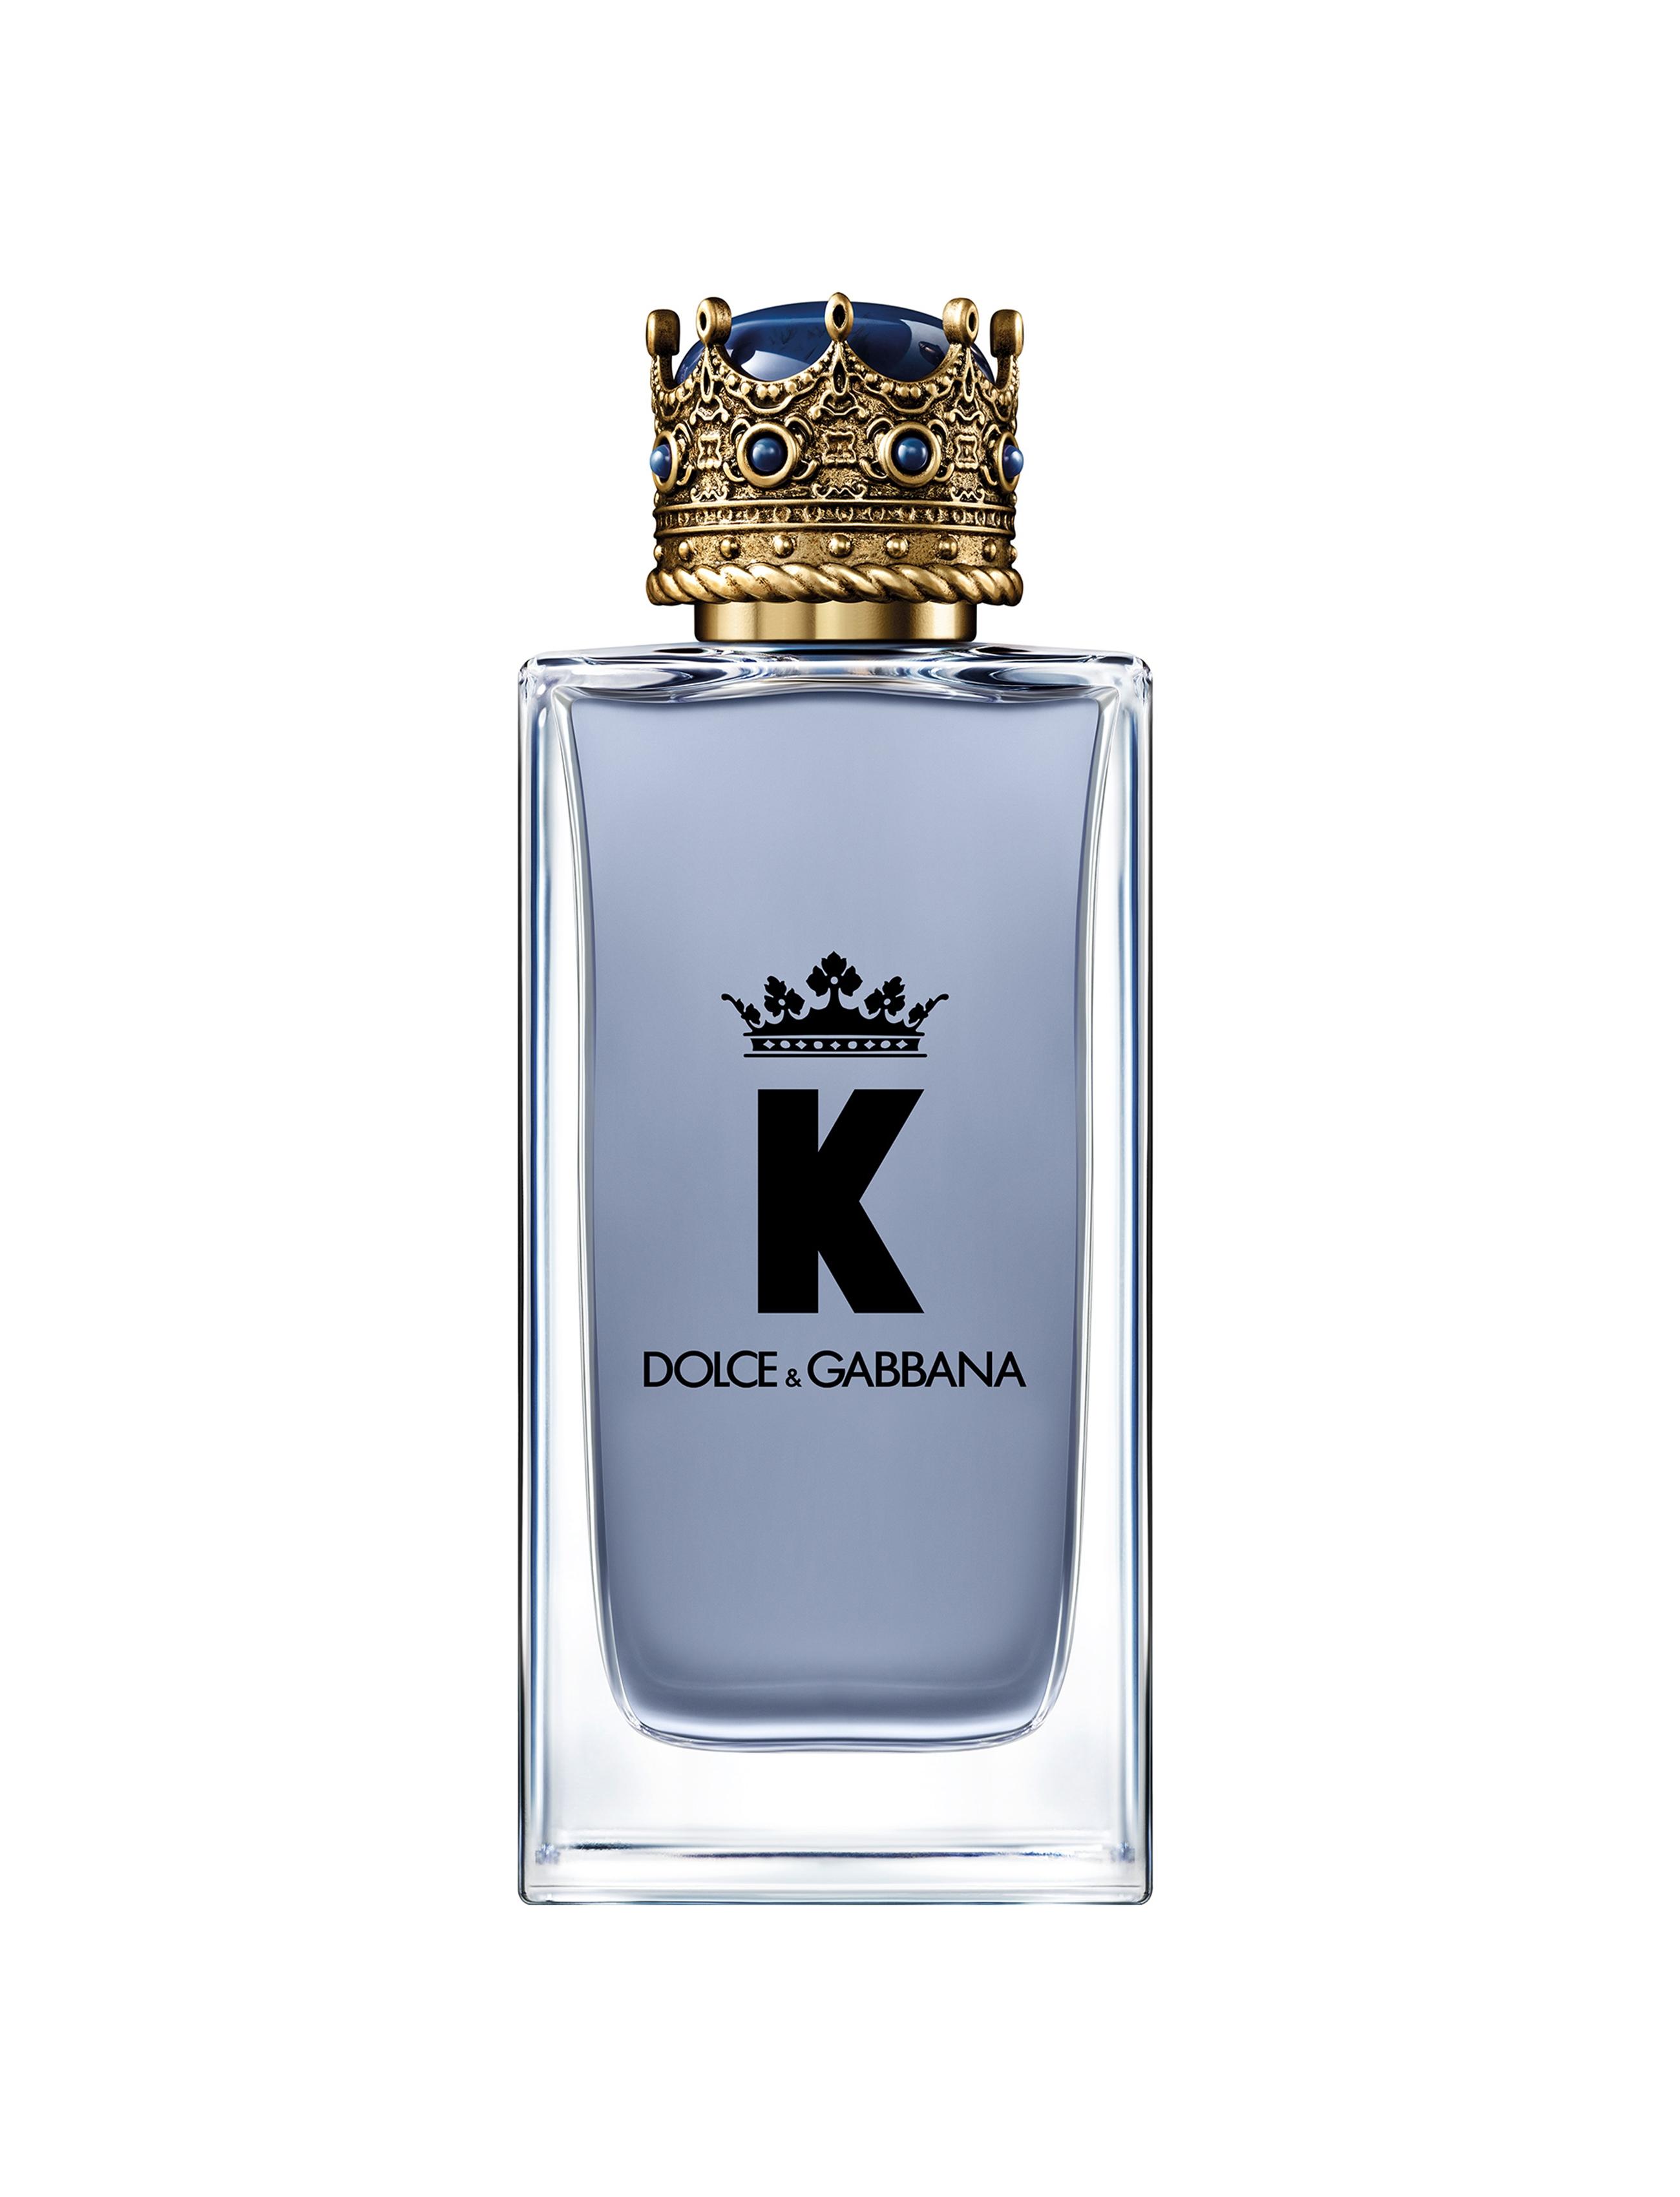 Dolce & Gabbana K Him EDT, 100 ml